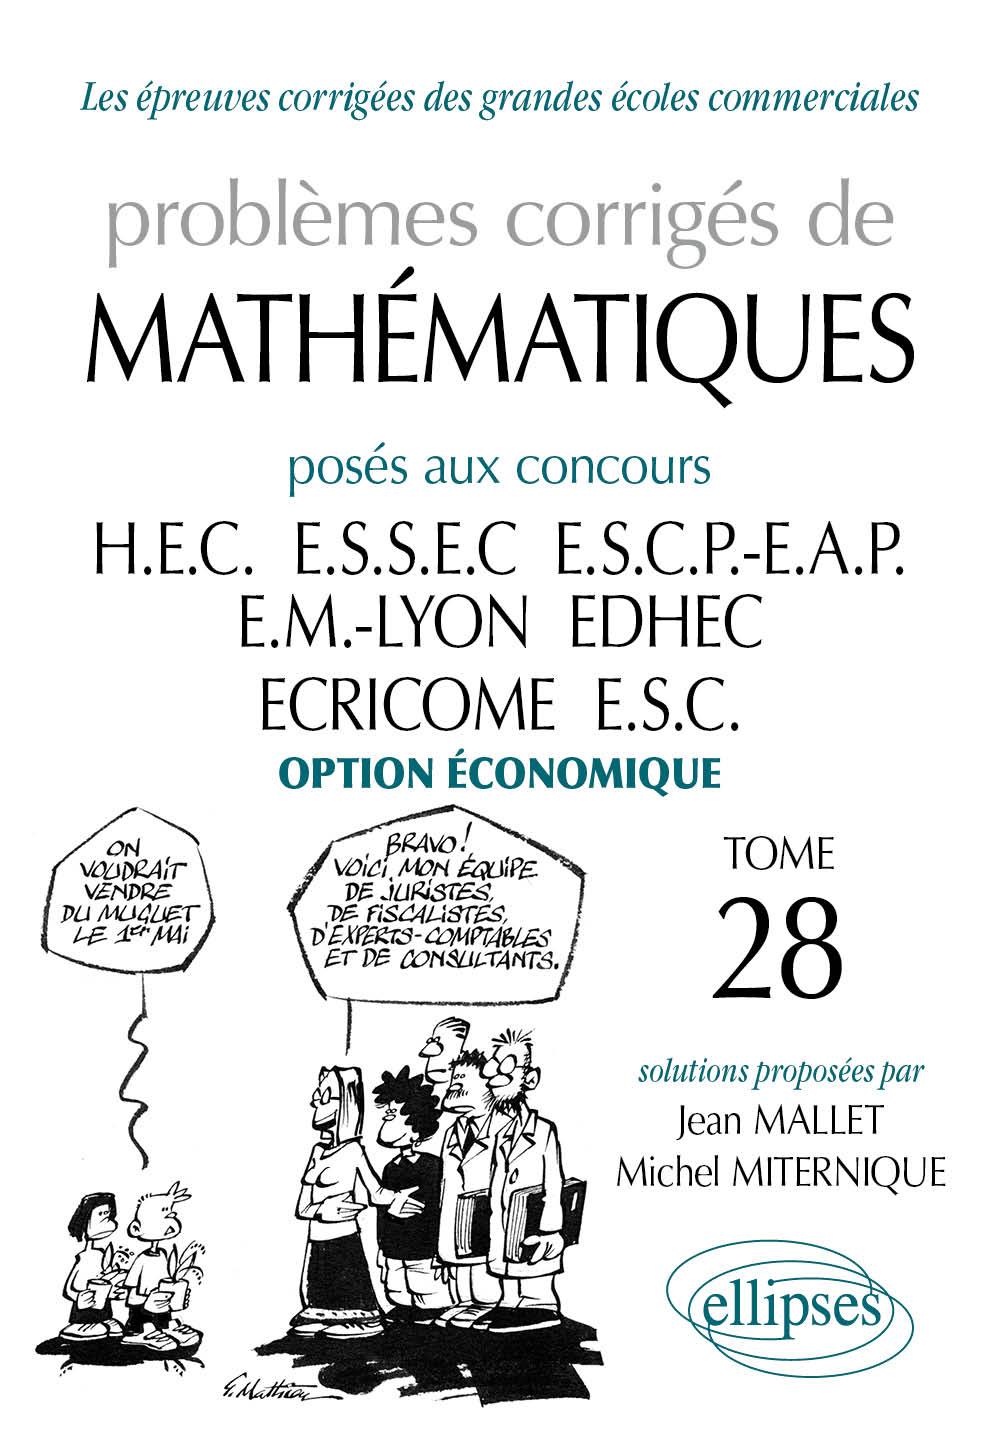 exercices de mathematiques de la terminale a la grande ecole de management cpec option economique